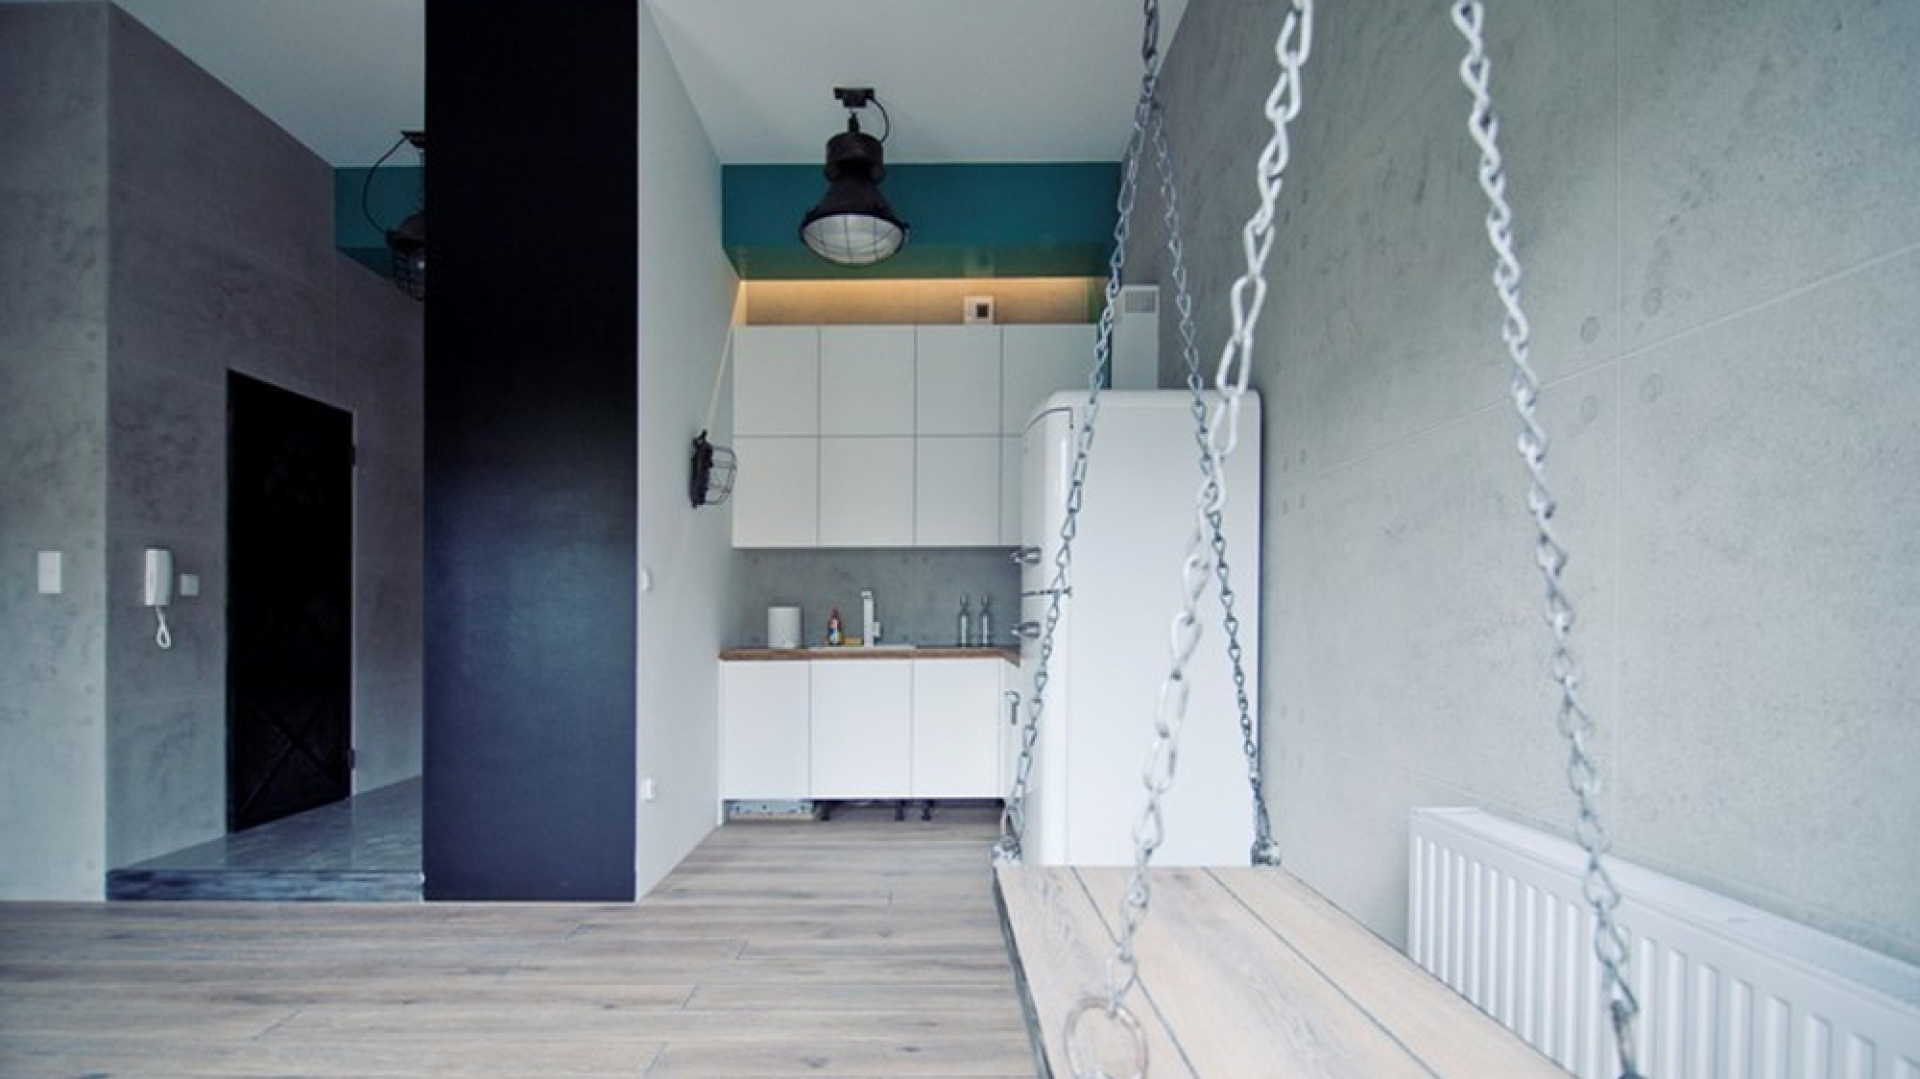 Mieszkanie Mateusza Tumasa zostało urządzone bardzo oszczędnie, w  minimalistycznym stylu. Trochę miejsca pozwoliło zaoszczędzić wykorzystanie antresoli, która znalazła się w części dziennej. Fot. Materiały prasowe